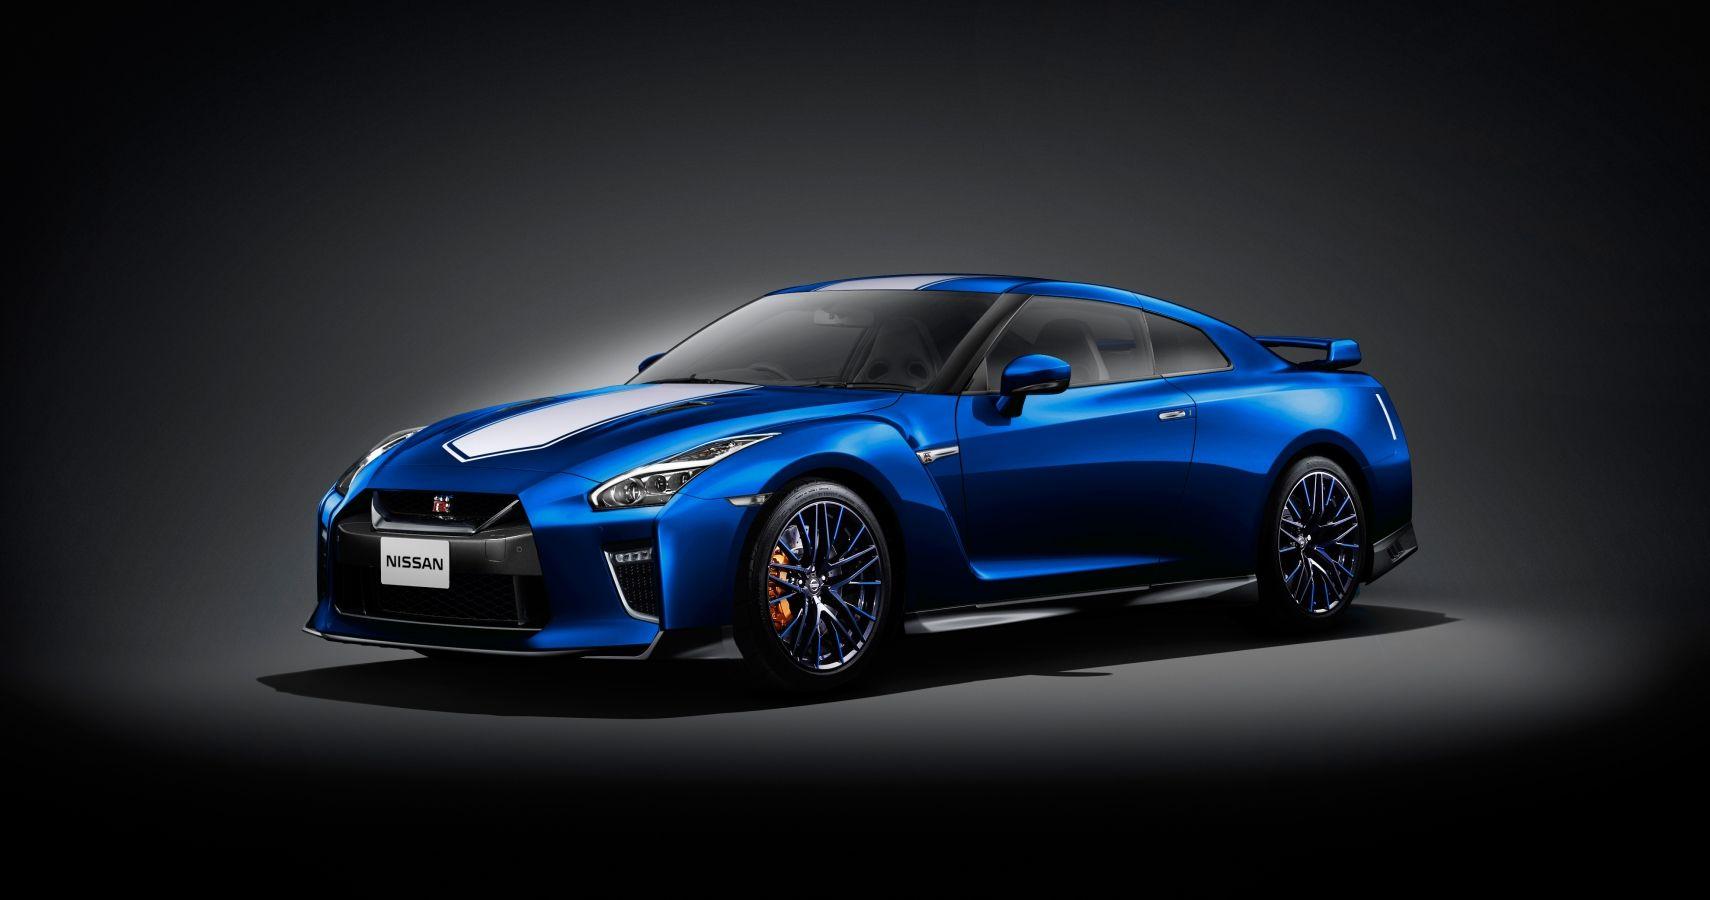 Nissan GT-R Hybrid 2022